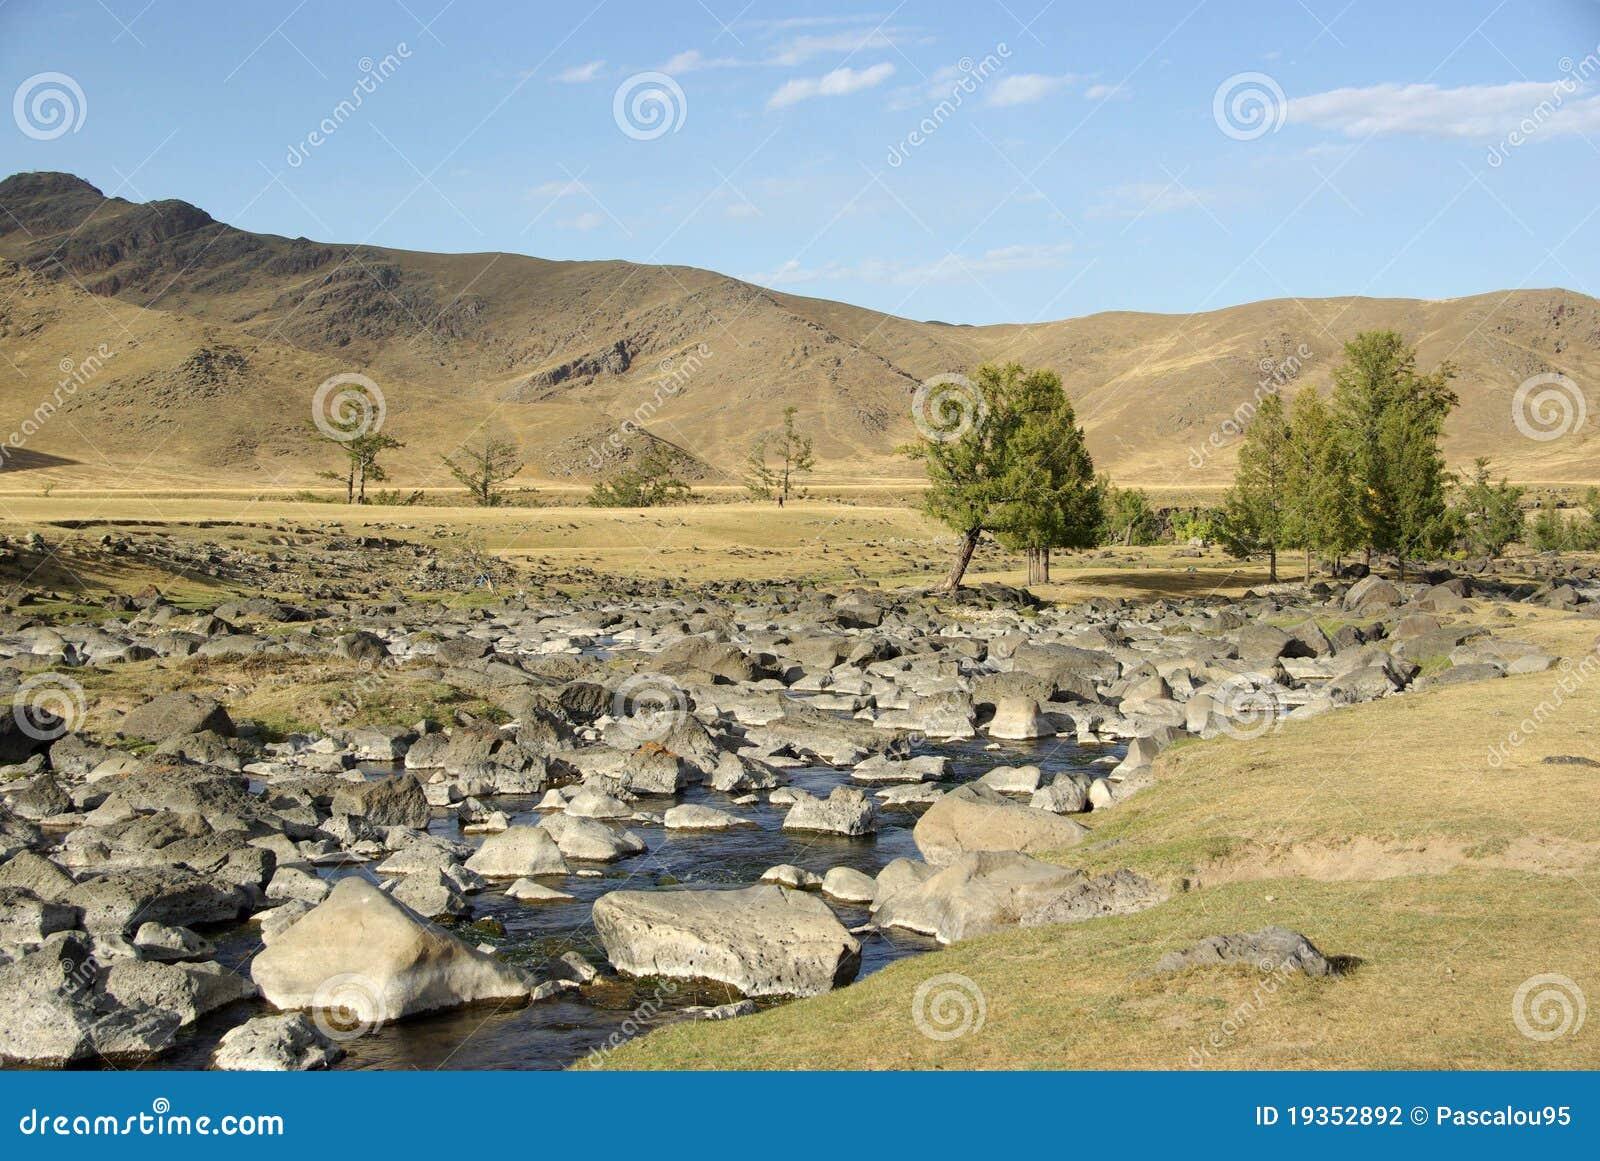 Paisagem em Mongolia